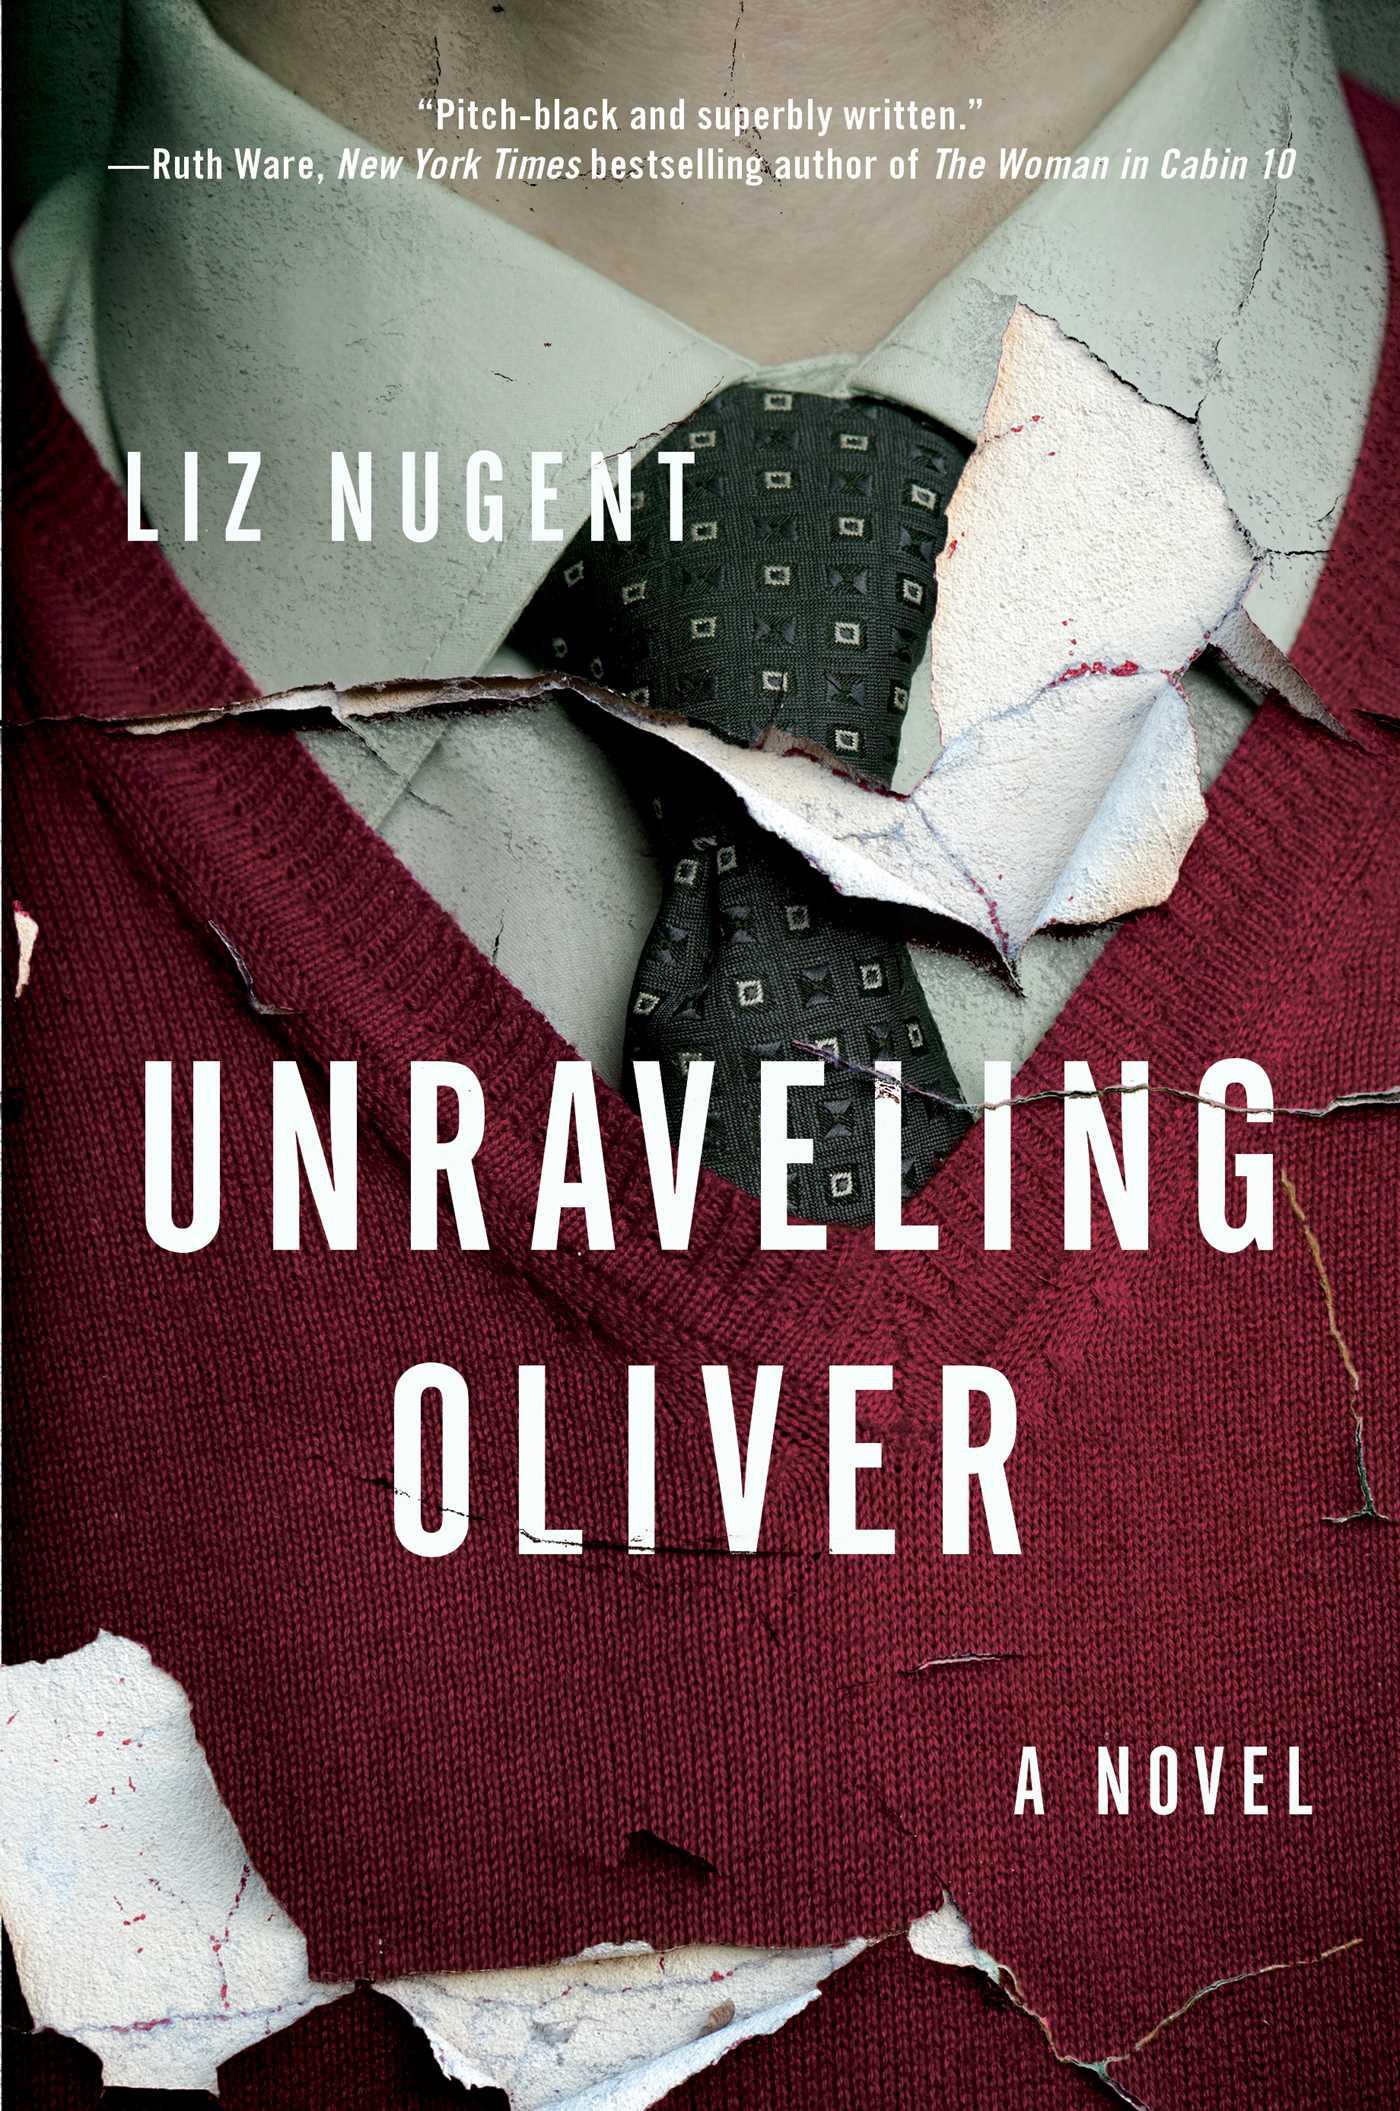 Unraveling oliver 9781501167751 hr